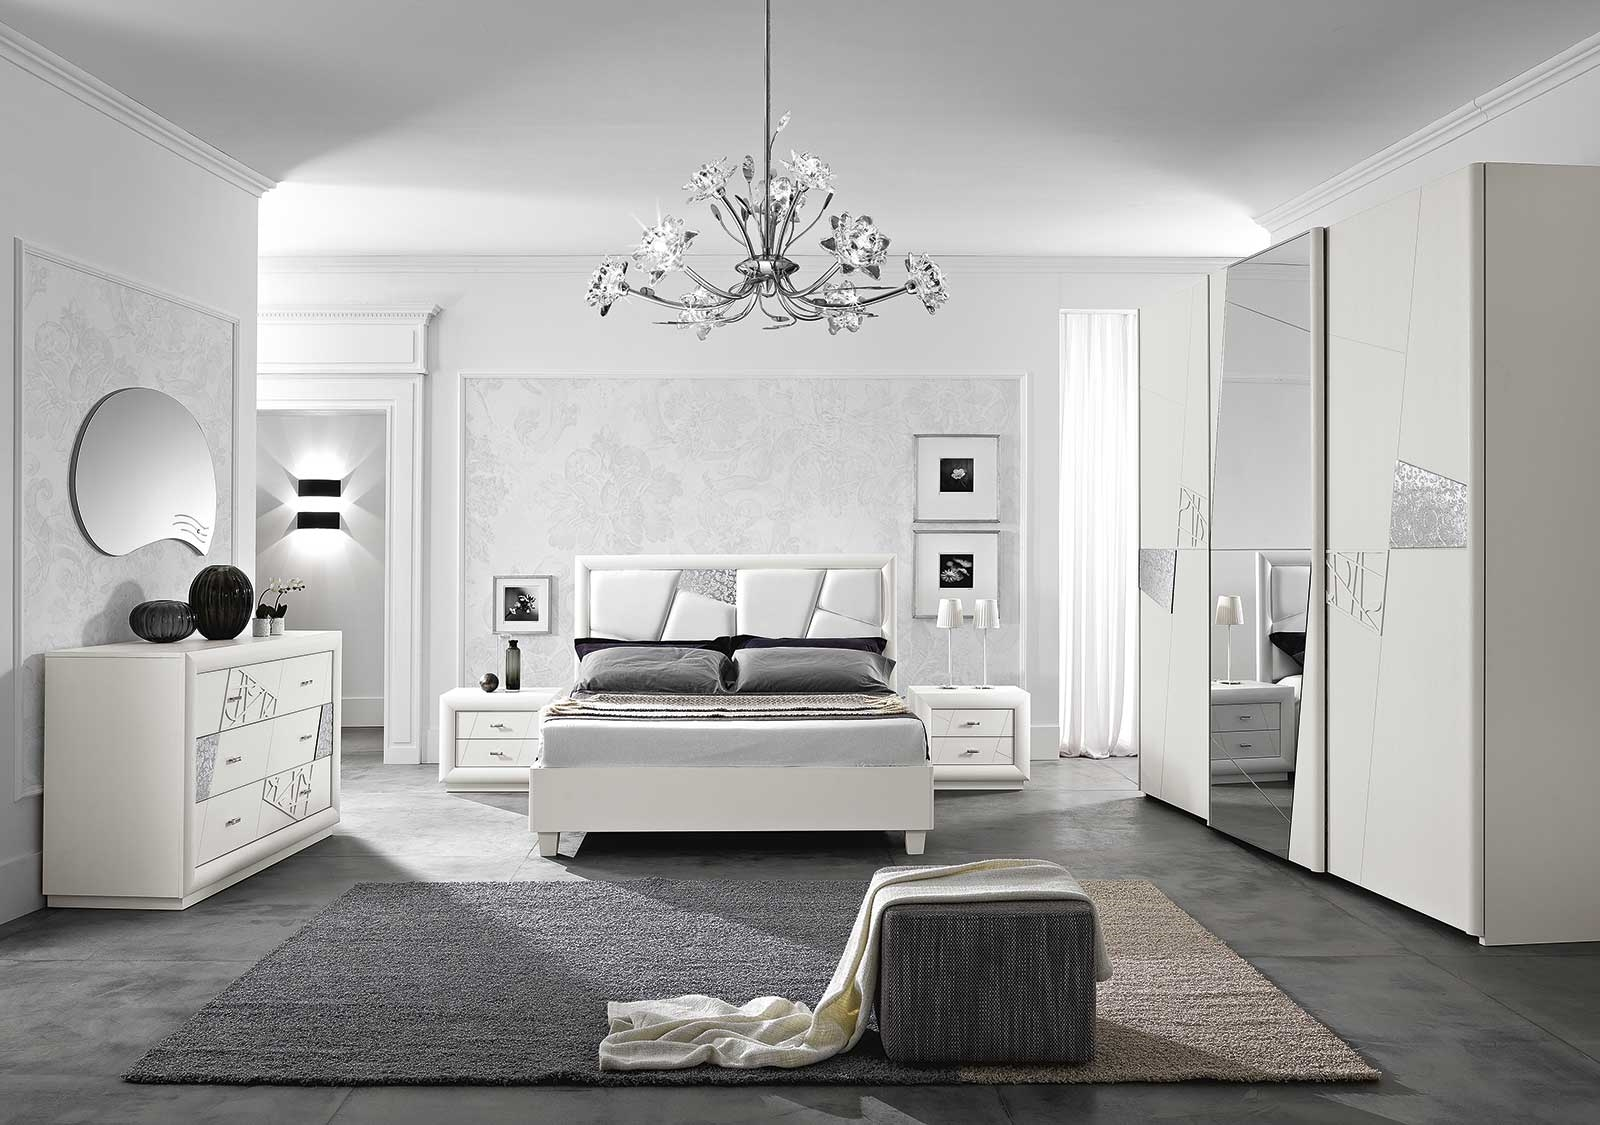 Camera chantal bianco contemporanee legno camera completa - Camere da letto contemporanee prezzi ...